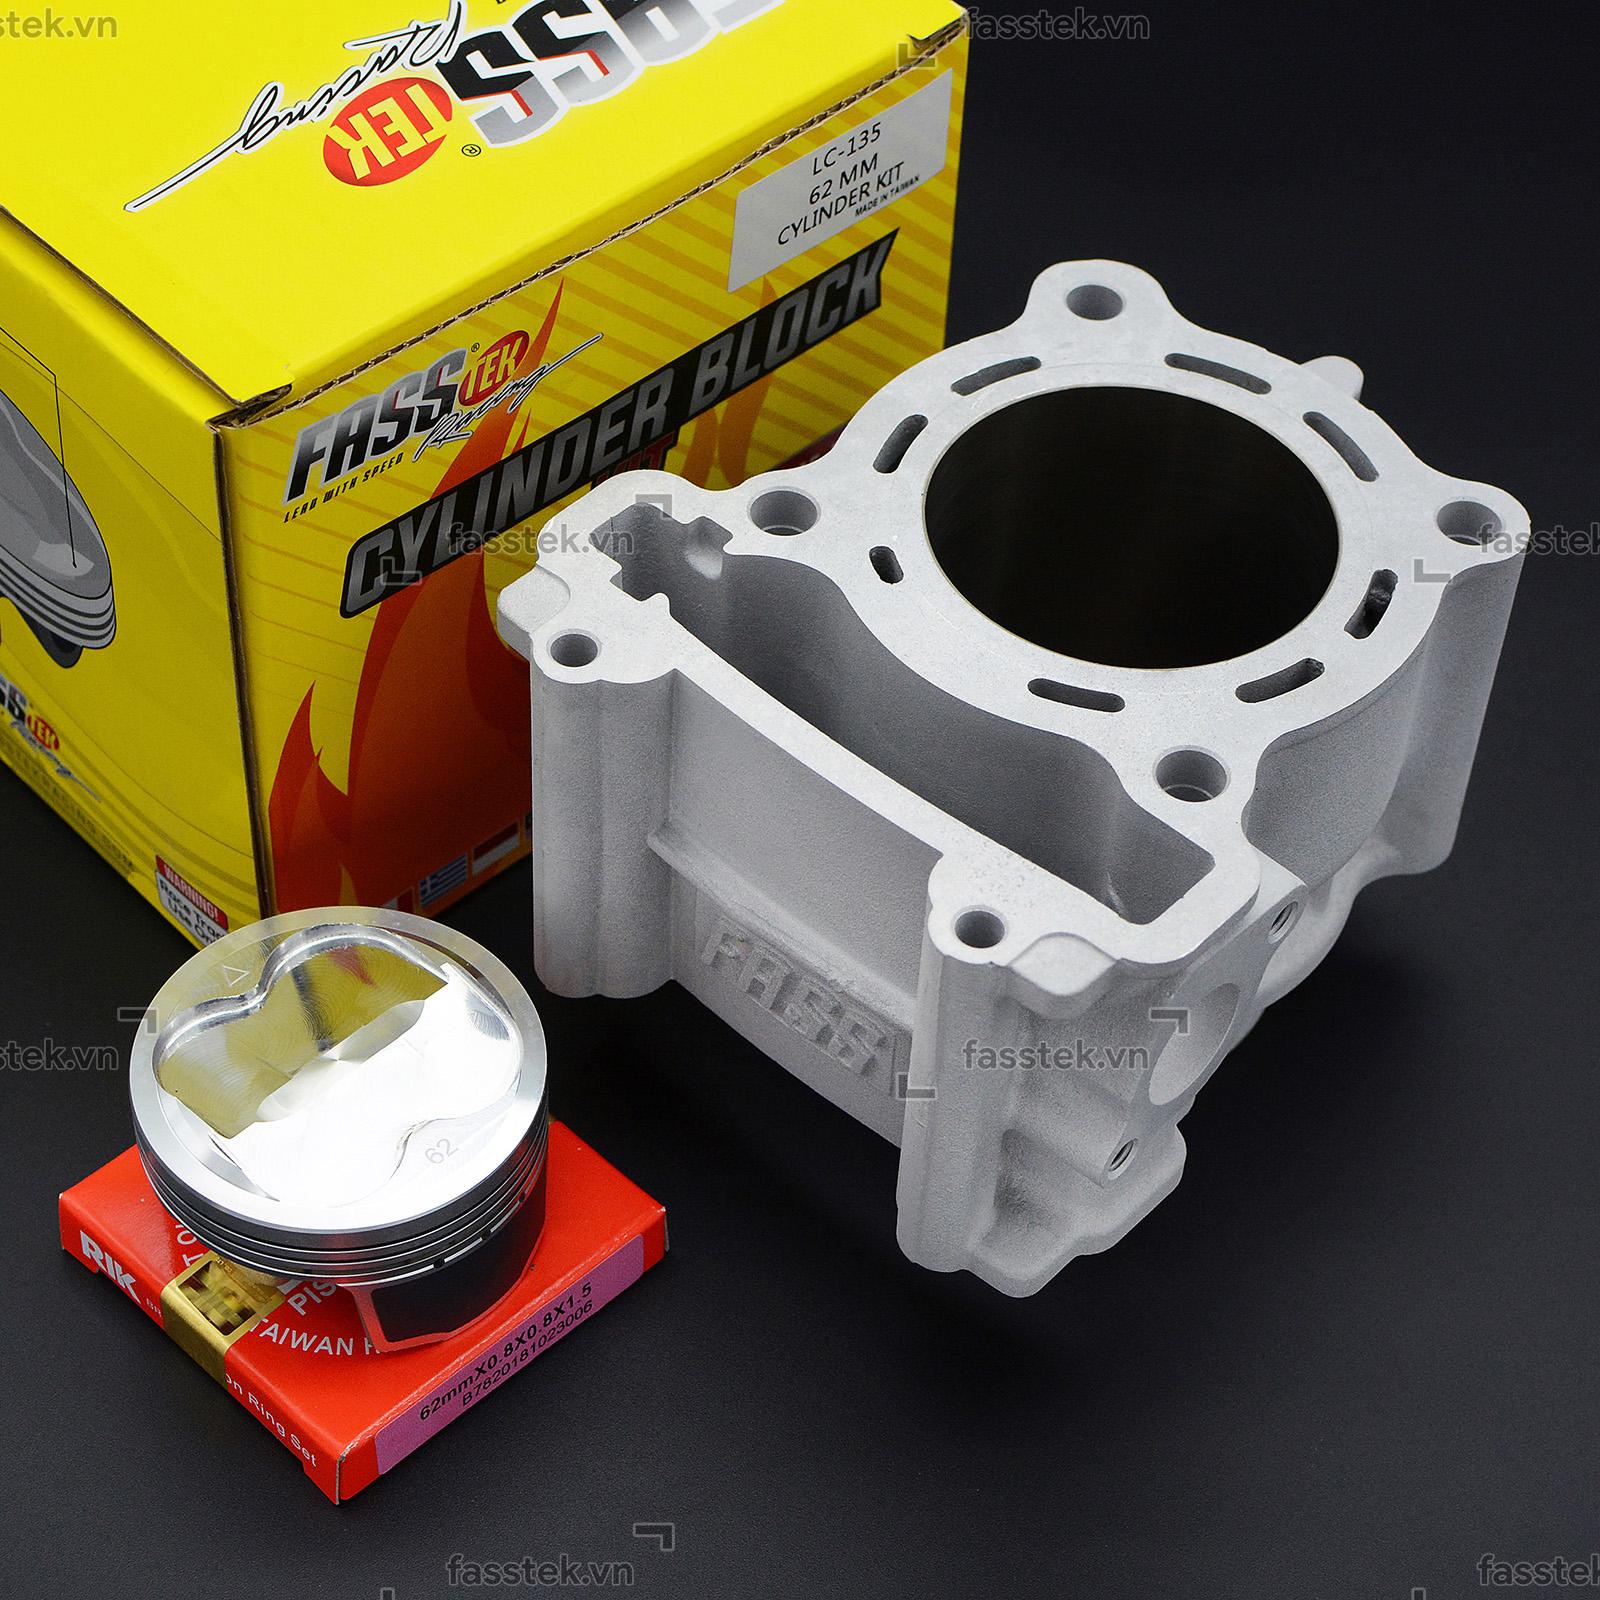 Bộ nòng kính trái nén Fasstek Racing 62mm/63mm cho Exciter các đời